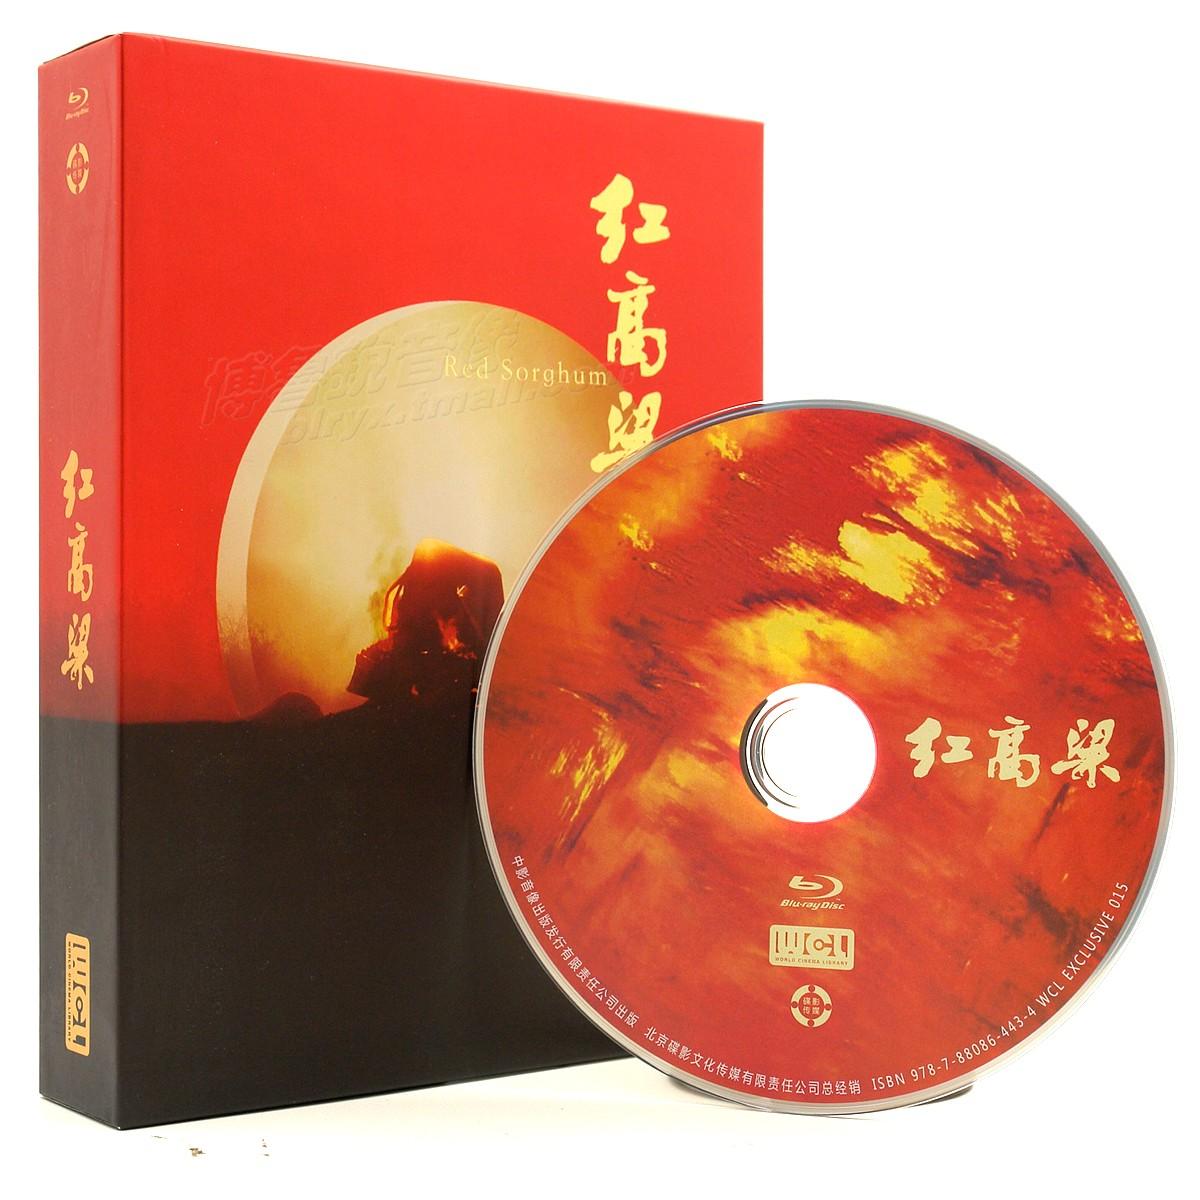 现货正版蓝光BD红高粱1988/Red Sorghum高清电影碟巩俐姜文张艺谋